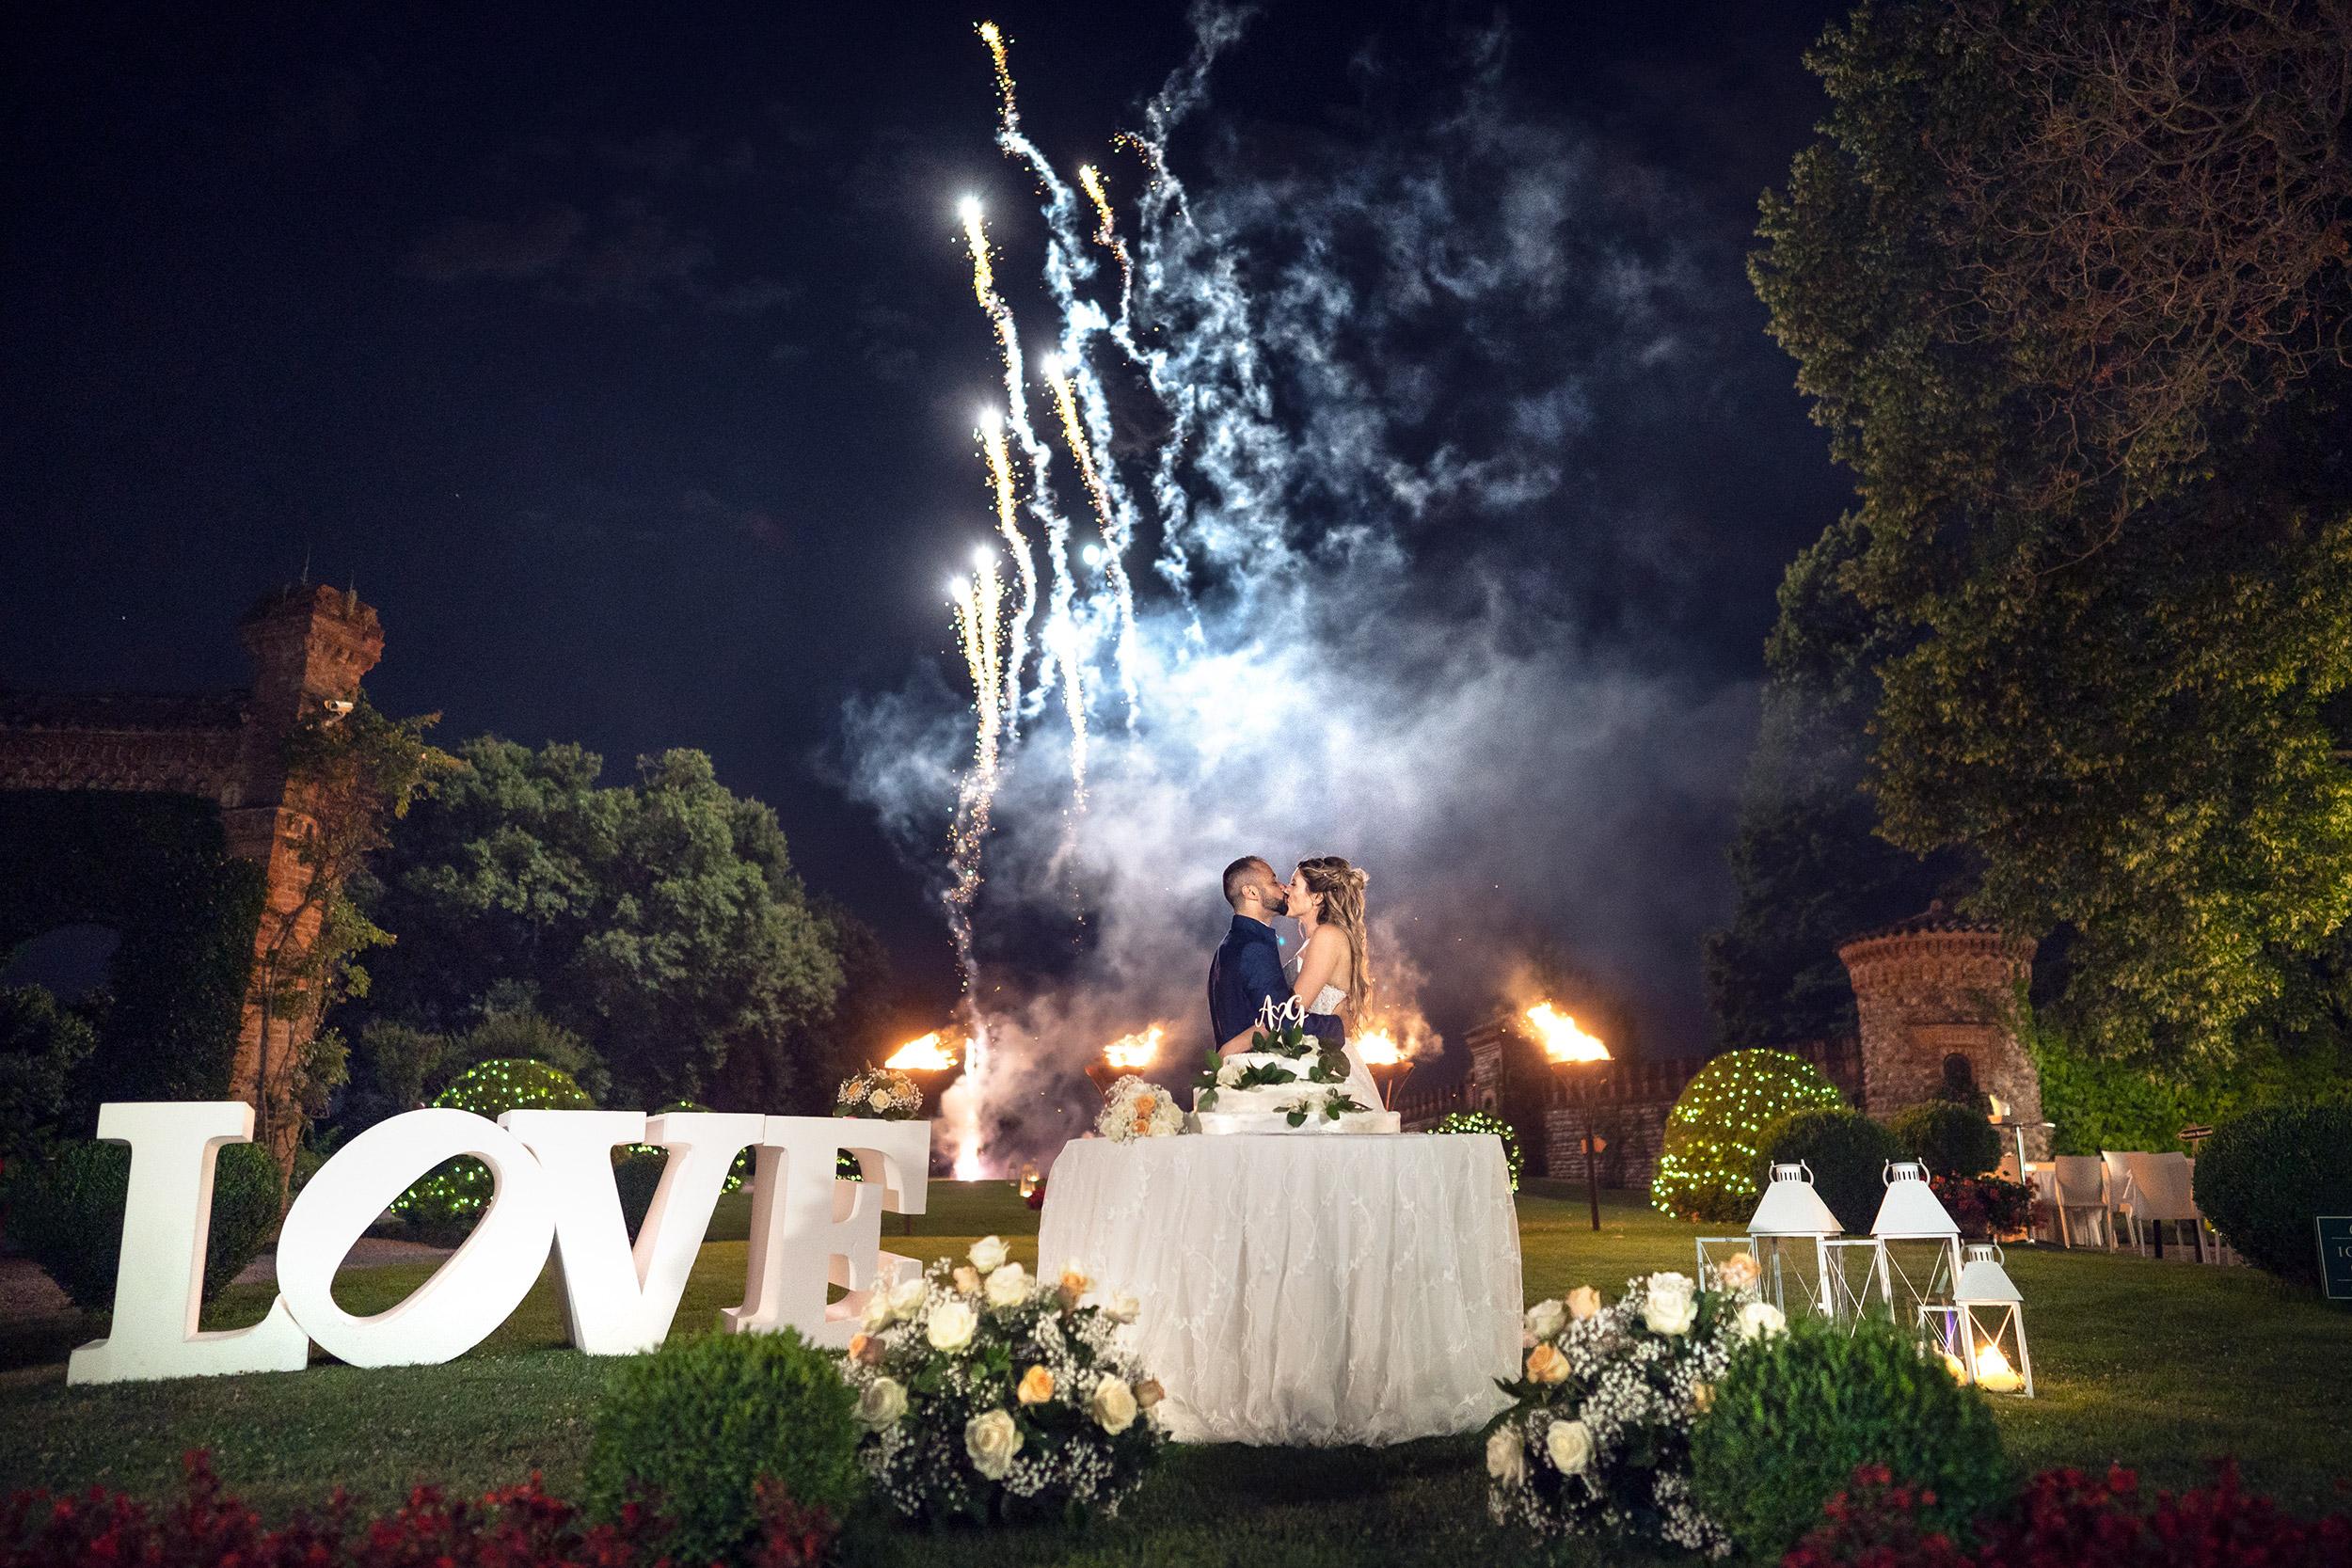 000 reportage wedding sposi foto matrimonio castello di marne bergamo